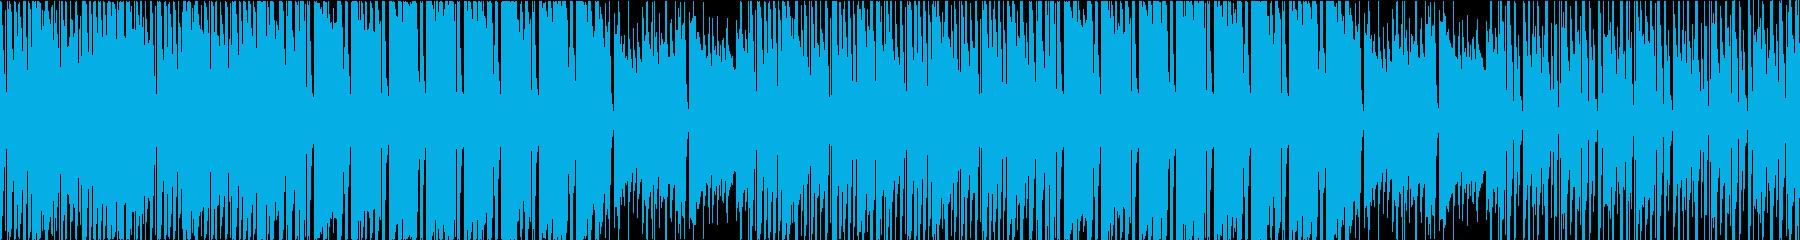 気だるい雰囲気のヒップホップループの再生済みの波形